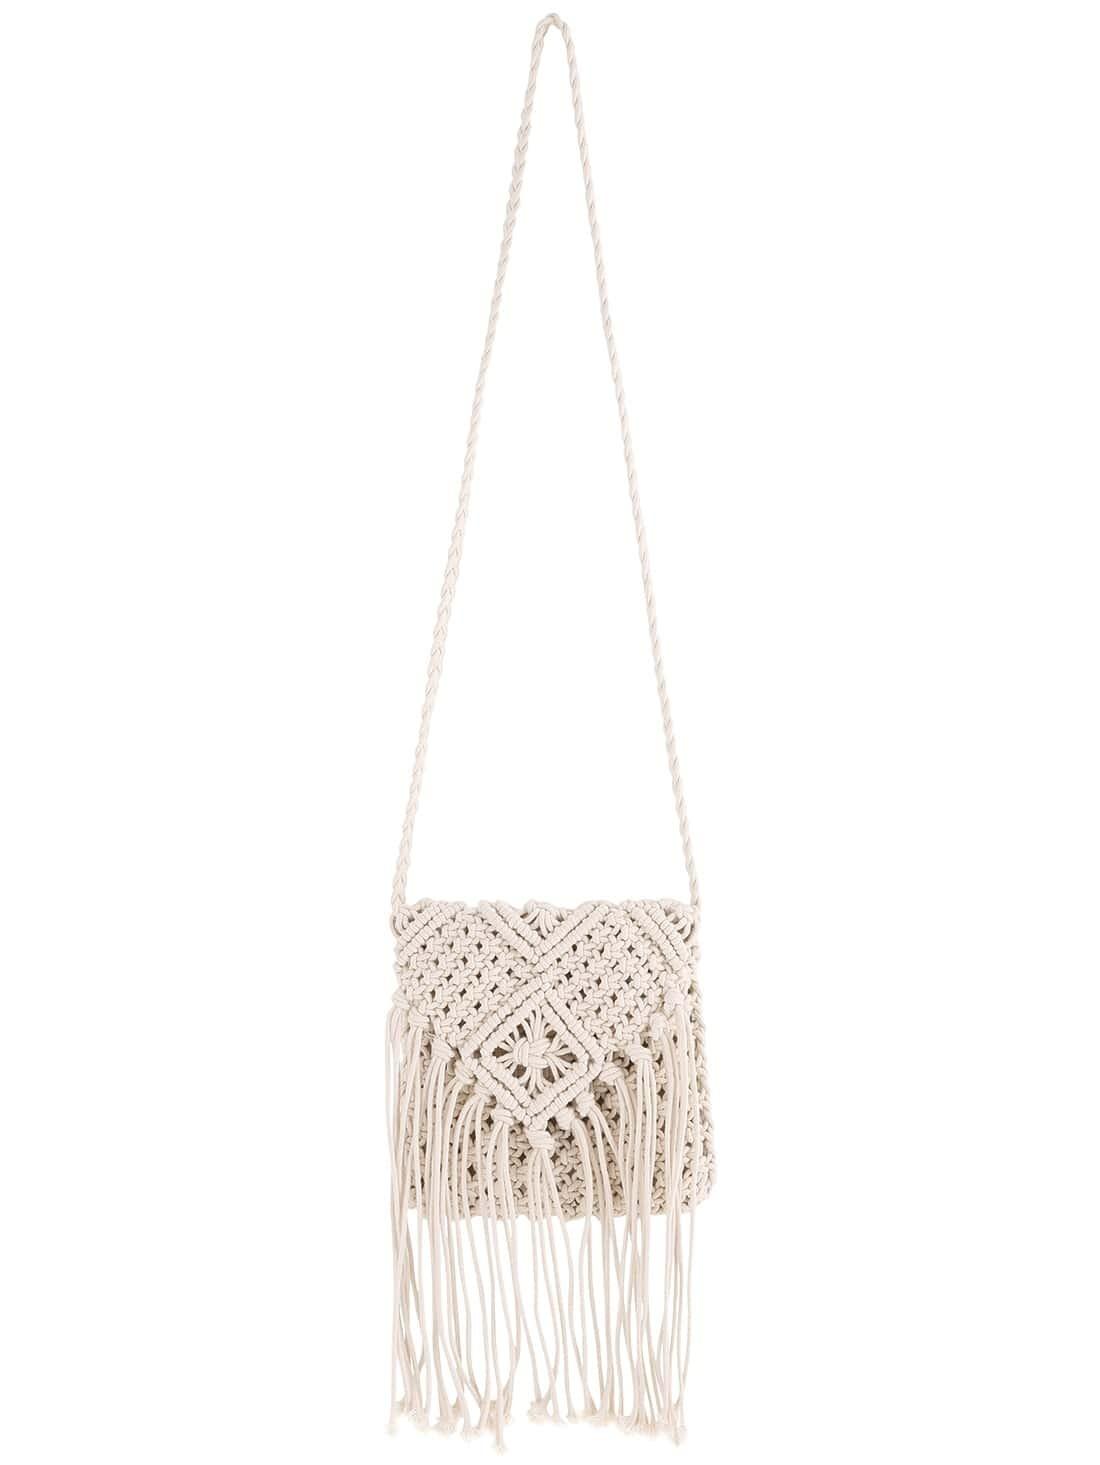 Crochet Tassel Bag : location home handbags shoulder bags white crochet tassel shoulder bag